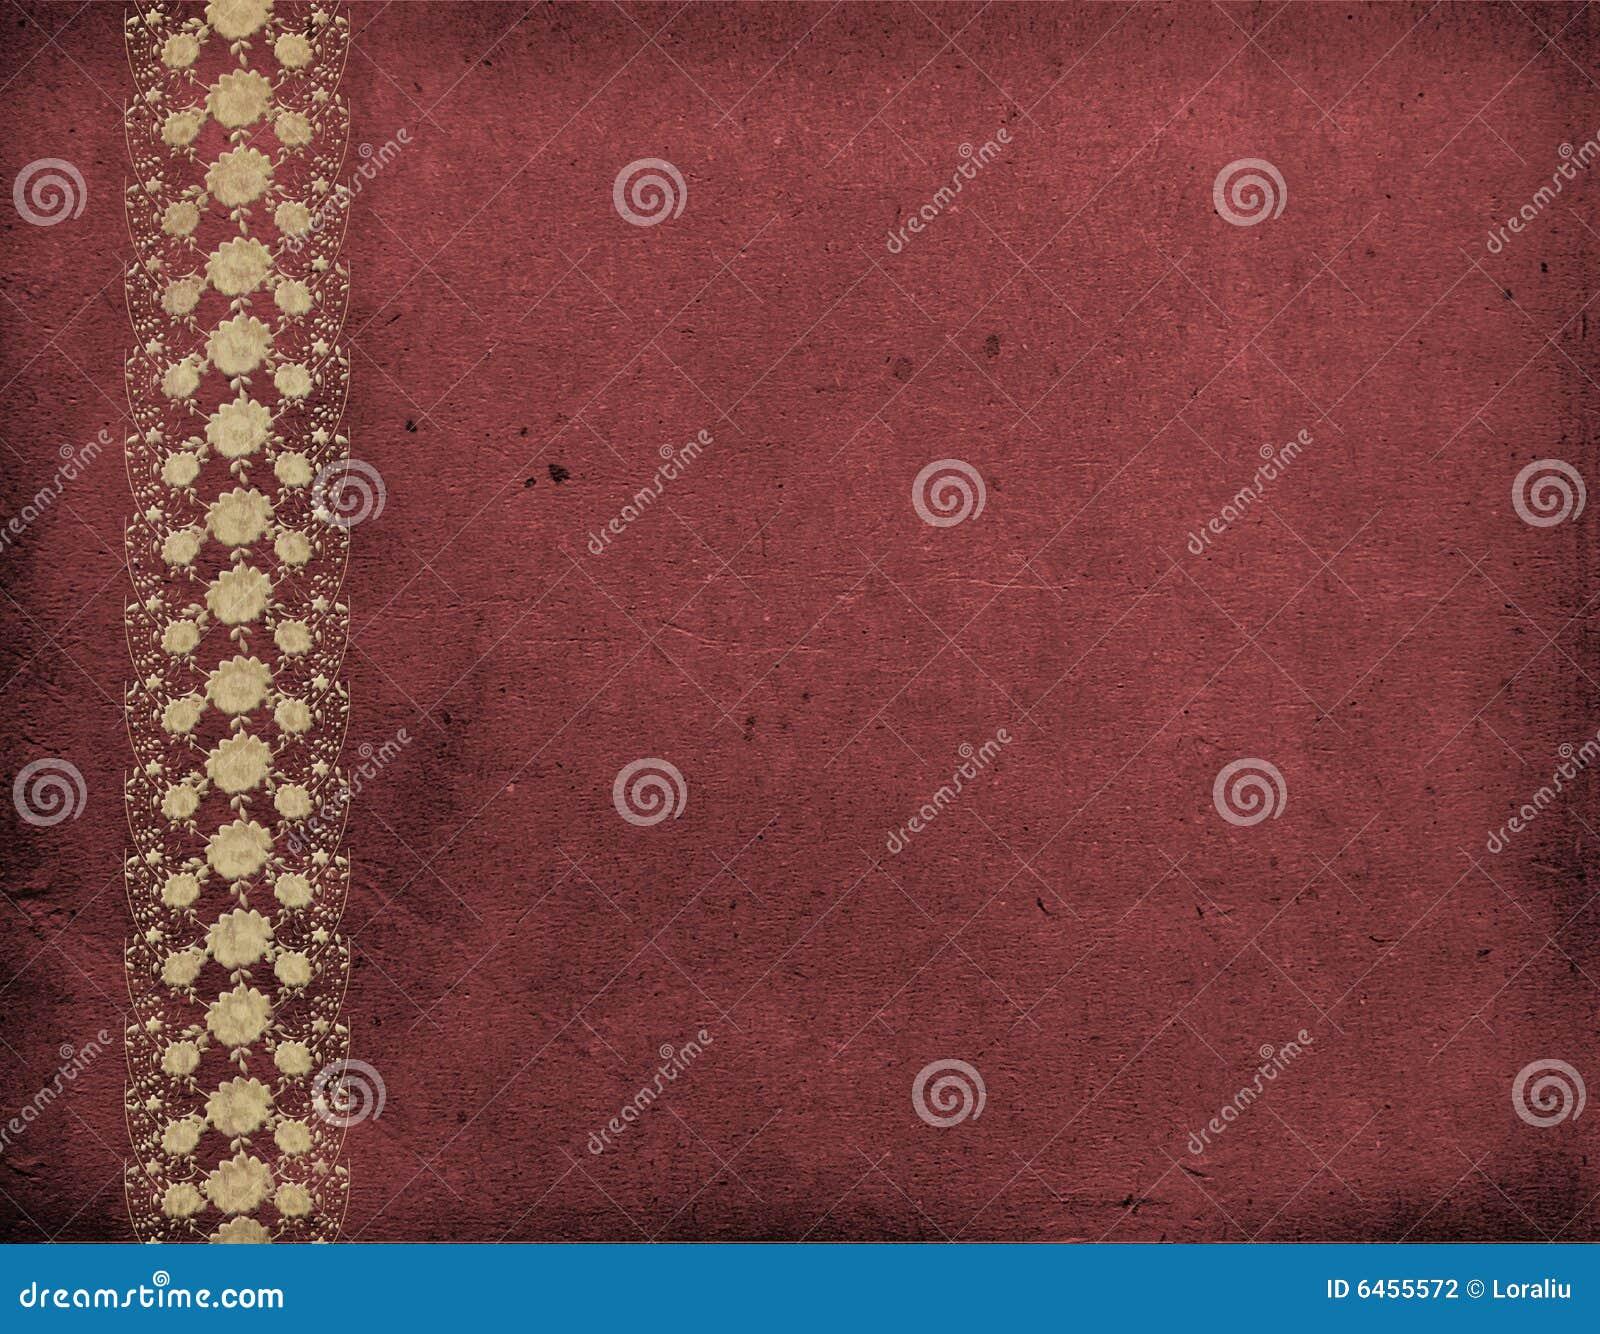 Abdeckung für Portefeuille. Abstrakter Hintergrund